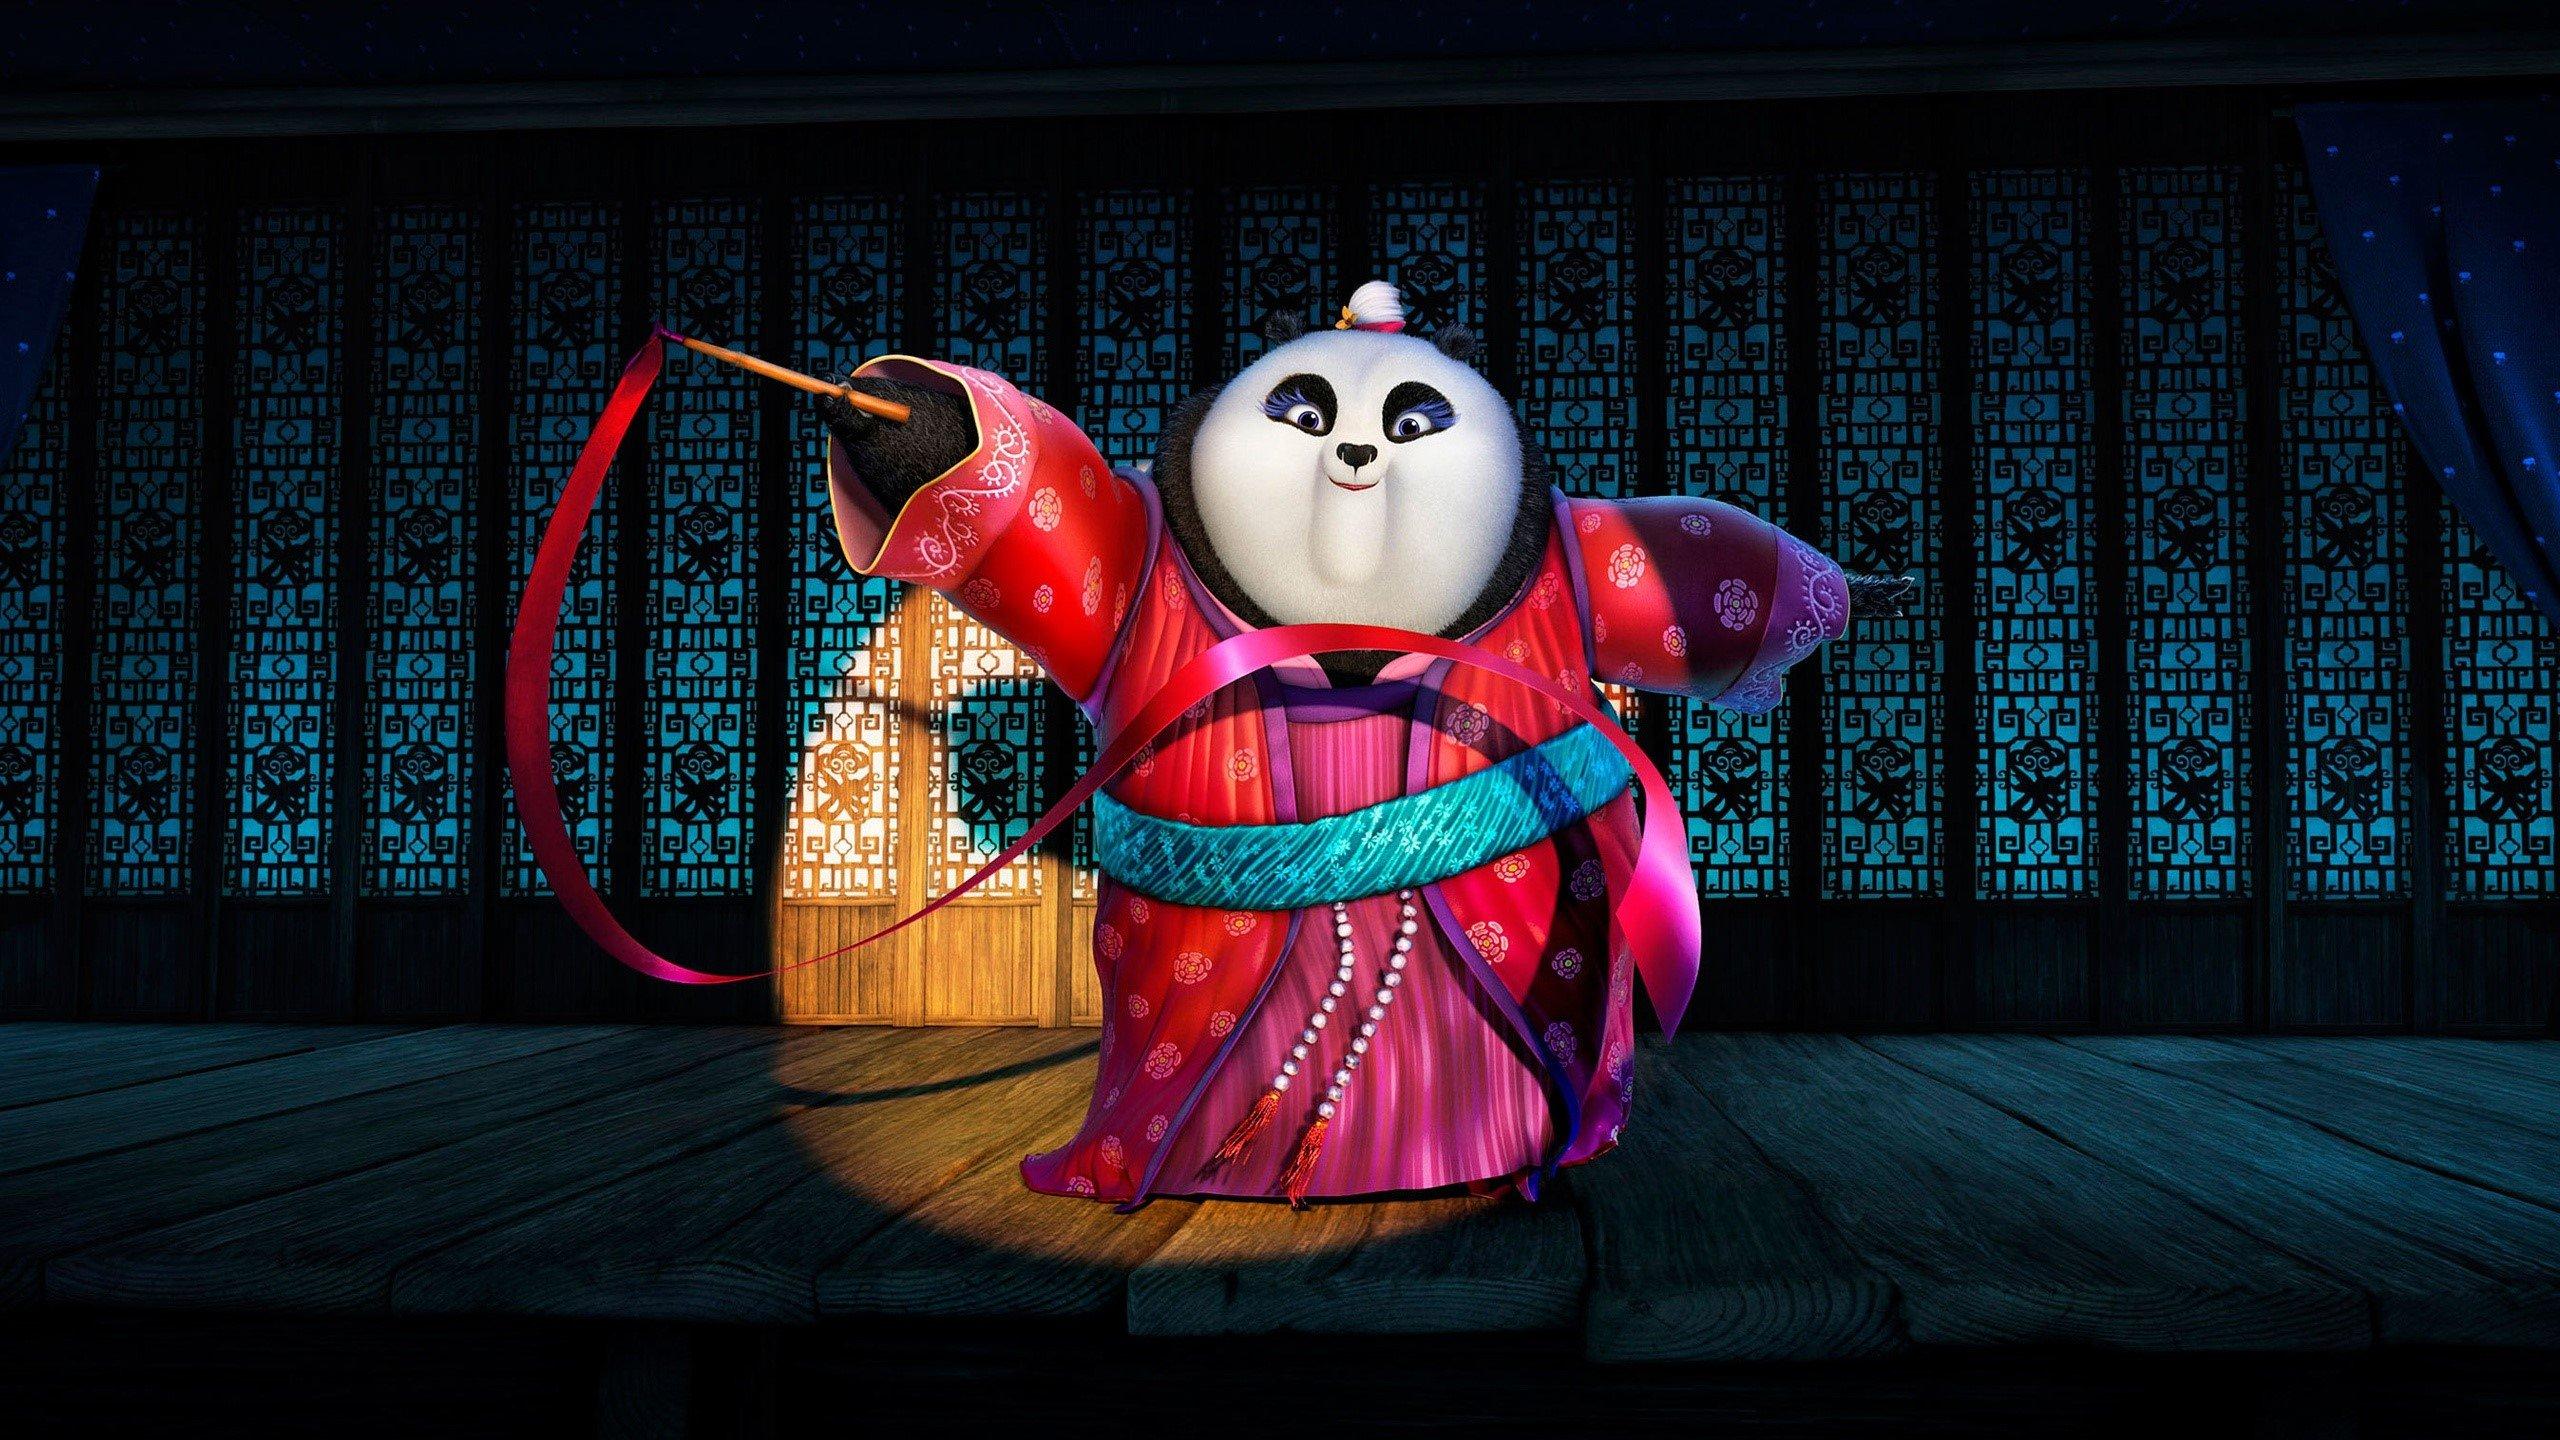 Wallpaper Mei Mei from Kung fu panda 3